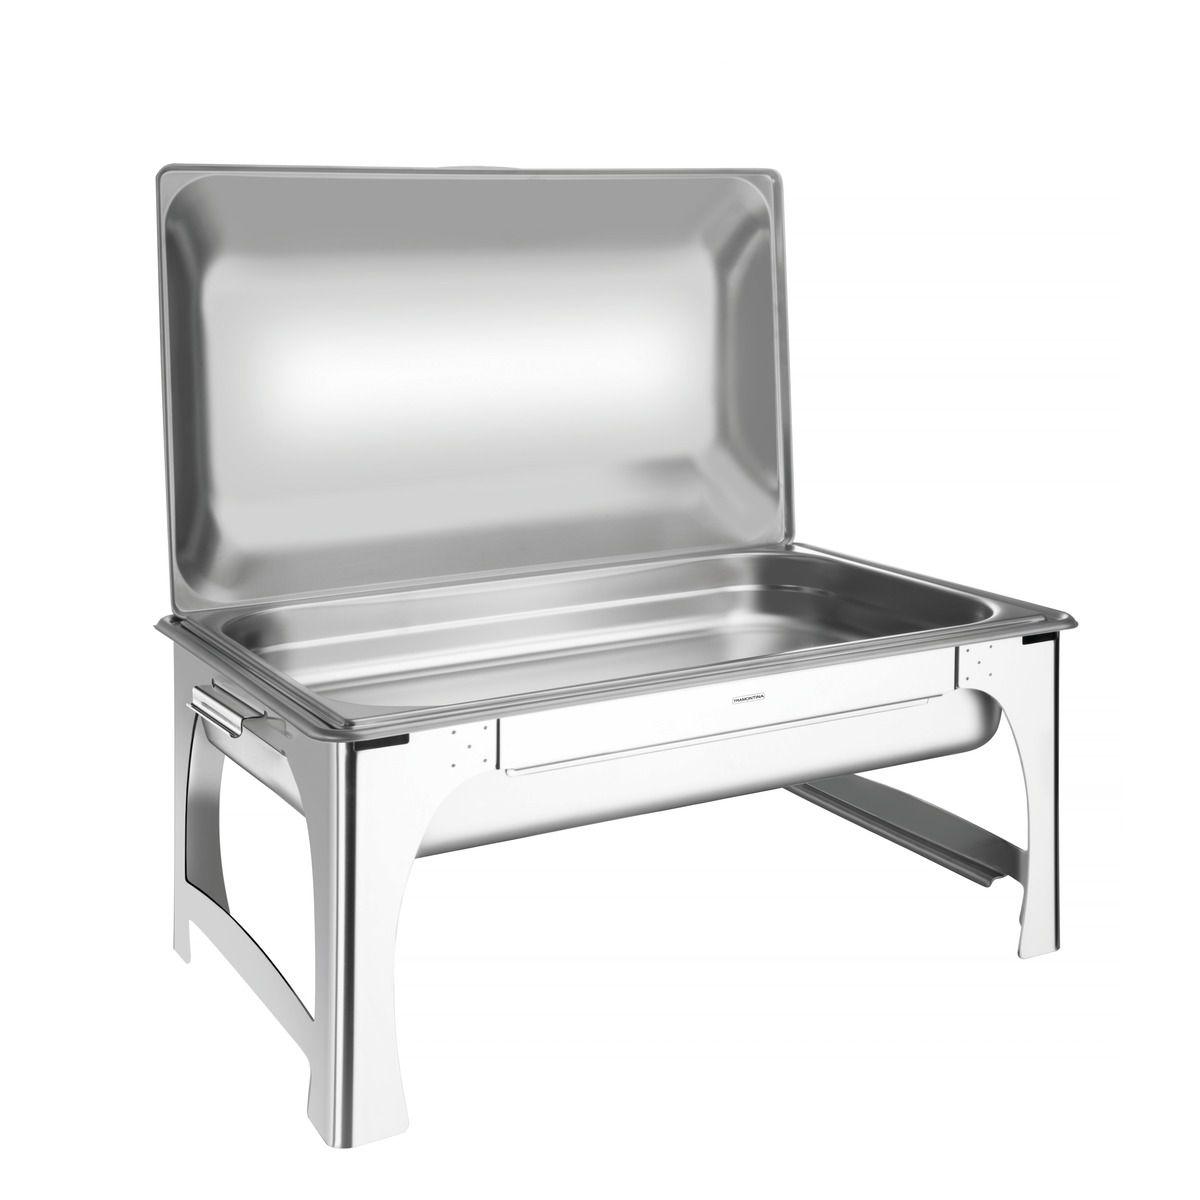 Rechaud banho-maria retangular com tampa removível aço inox 61040/213 | Lojas Estrela